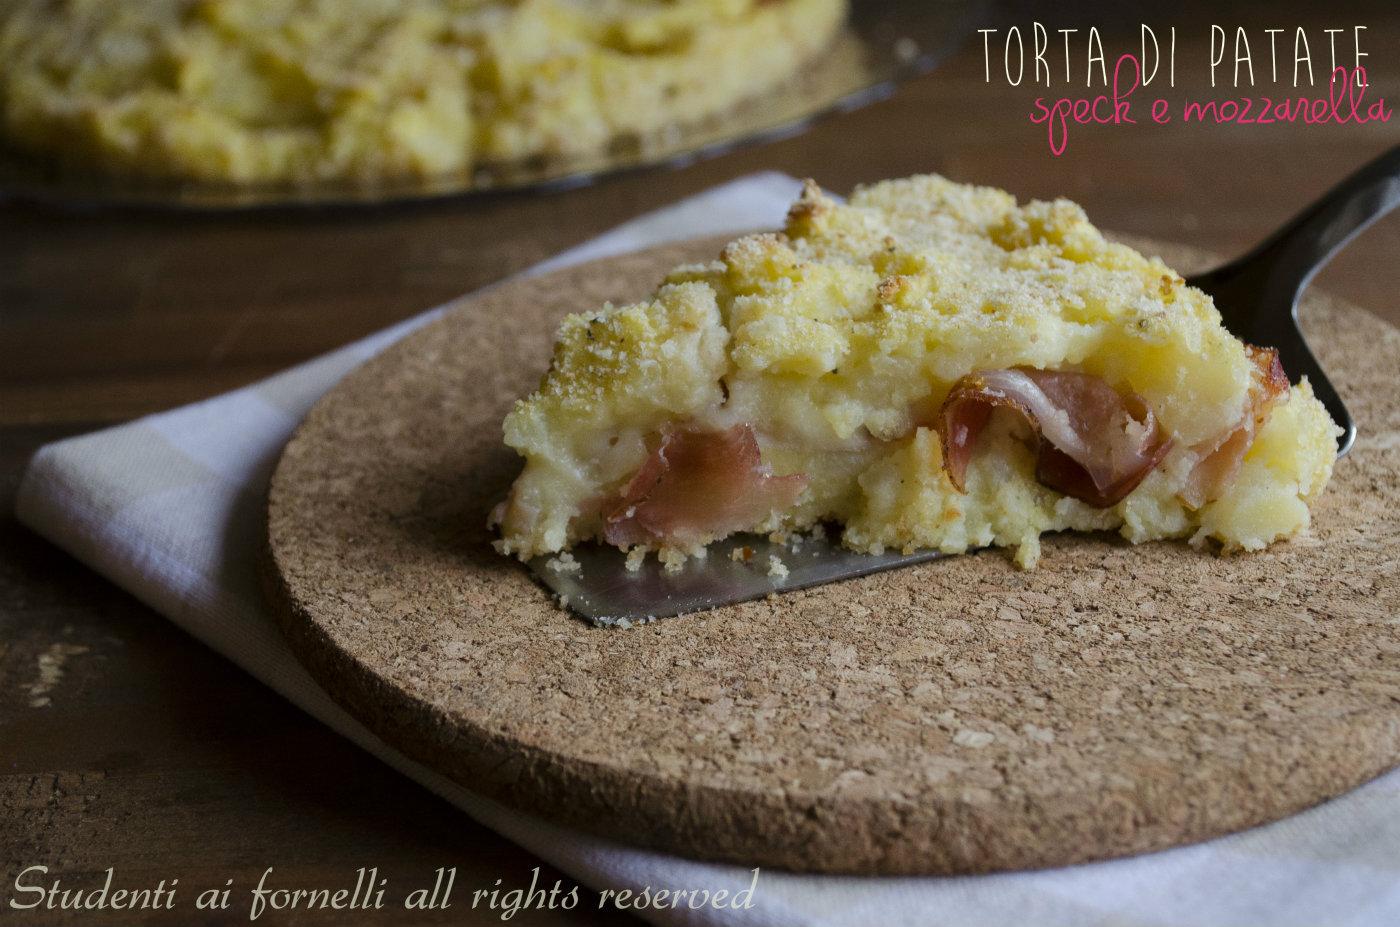 torta di patate speck e mozzarella ricetta secondo gustoso